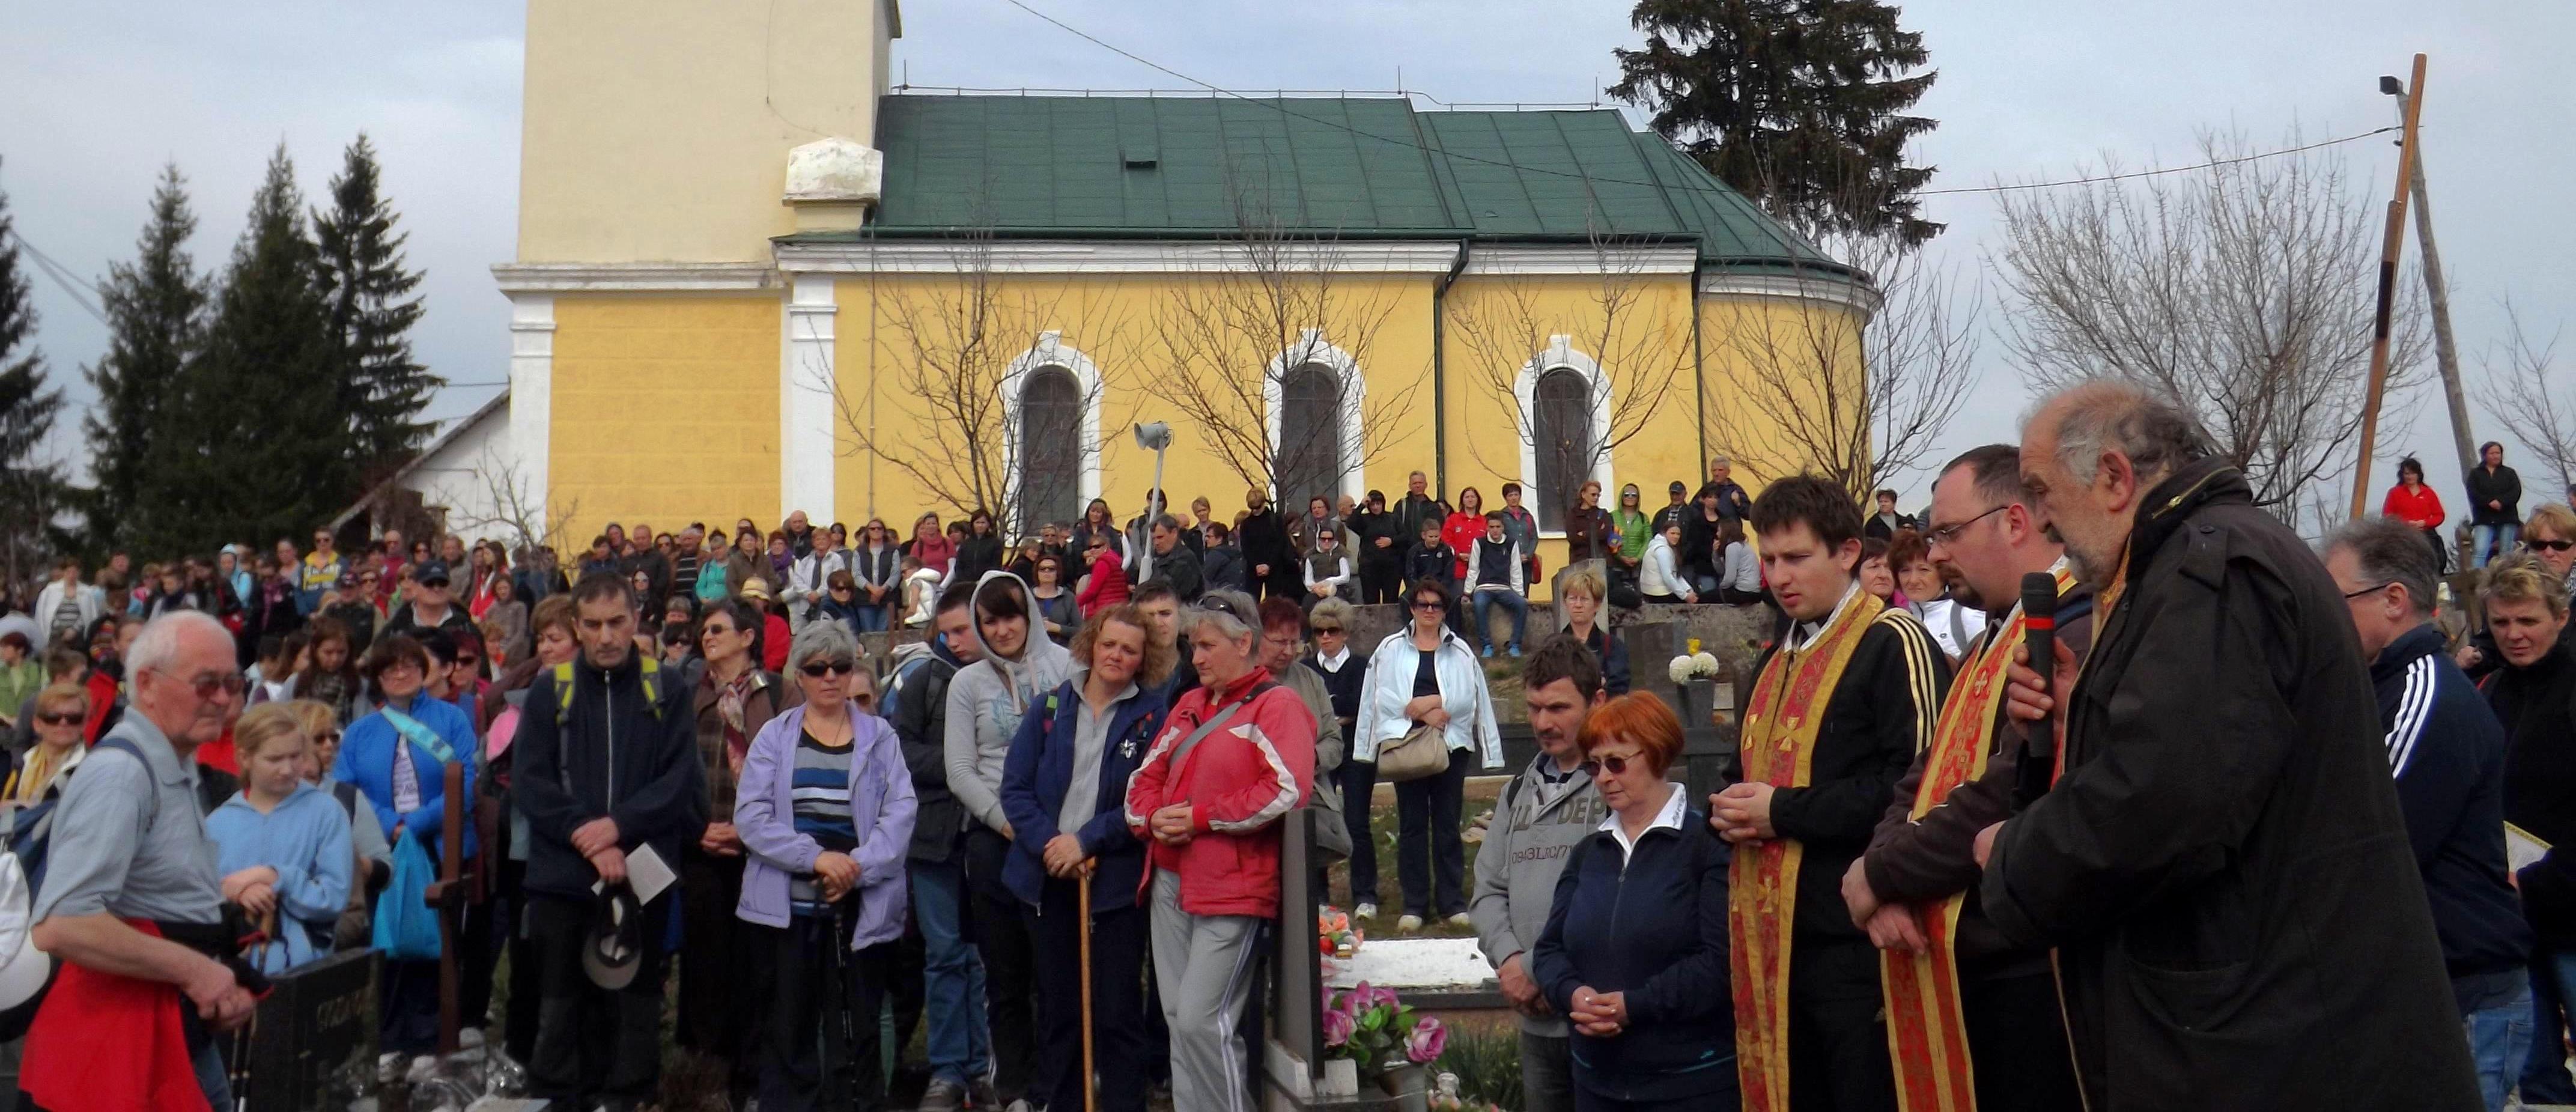 Više stotina sudionika Križnog puta na grobu mučenika dr. Ivana Šimraka u Grabru